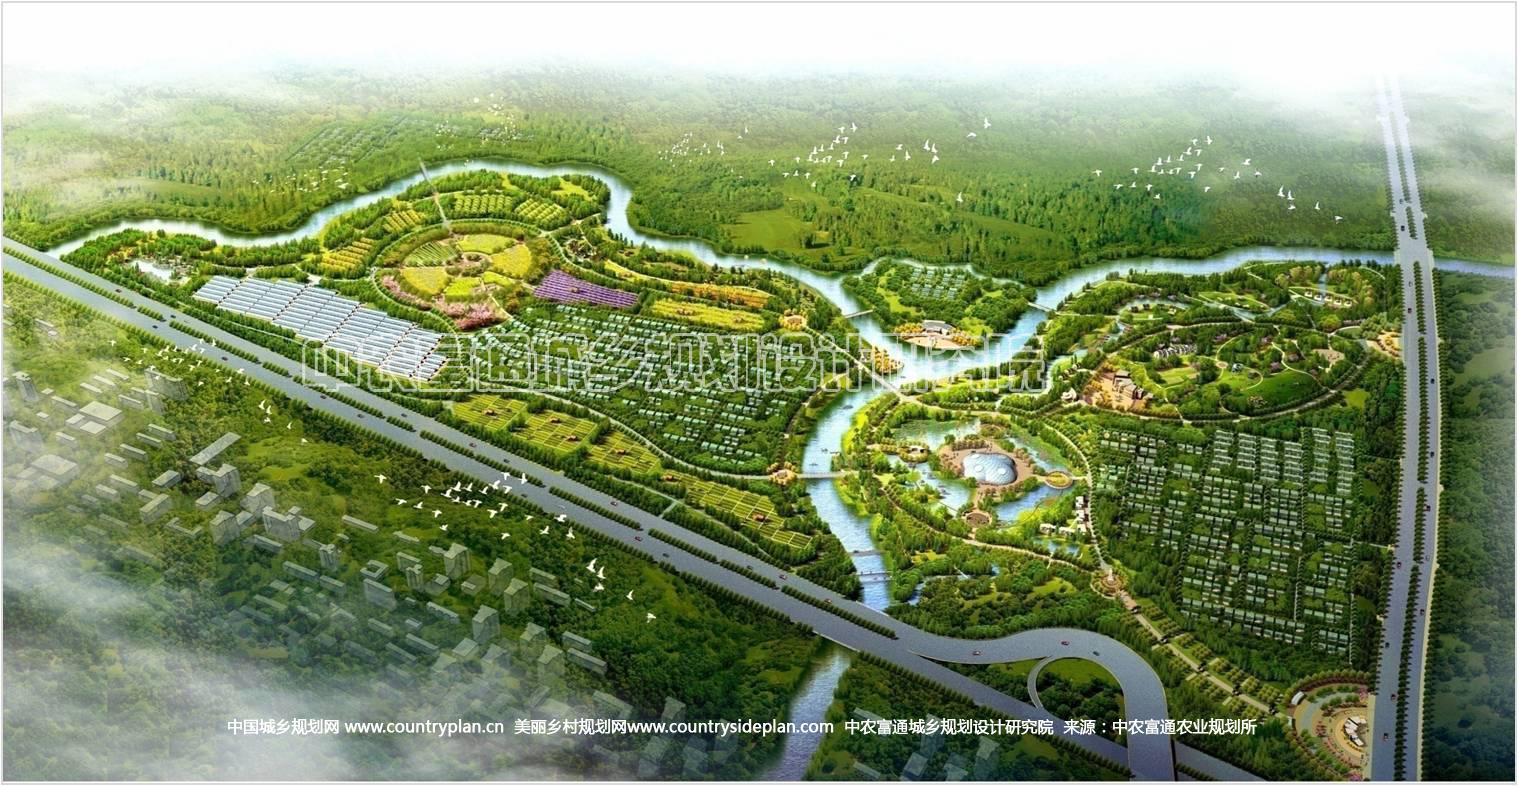 新农村建设规划效果图原始尺寸1024 583高清图片